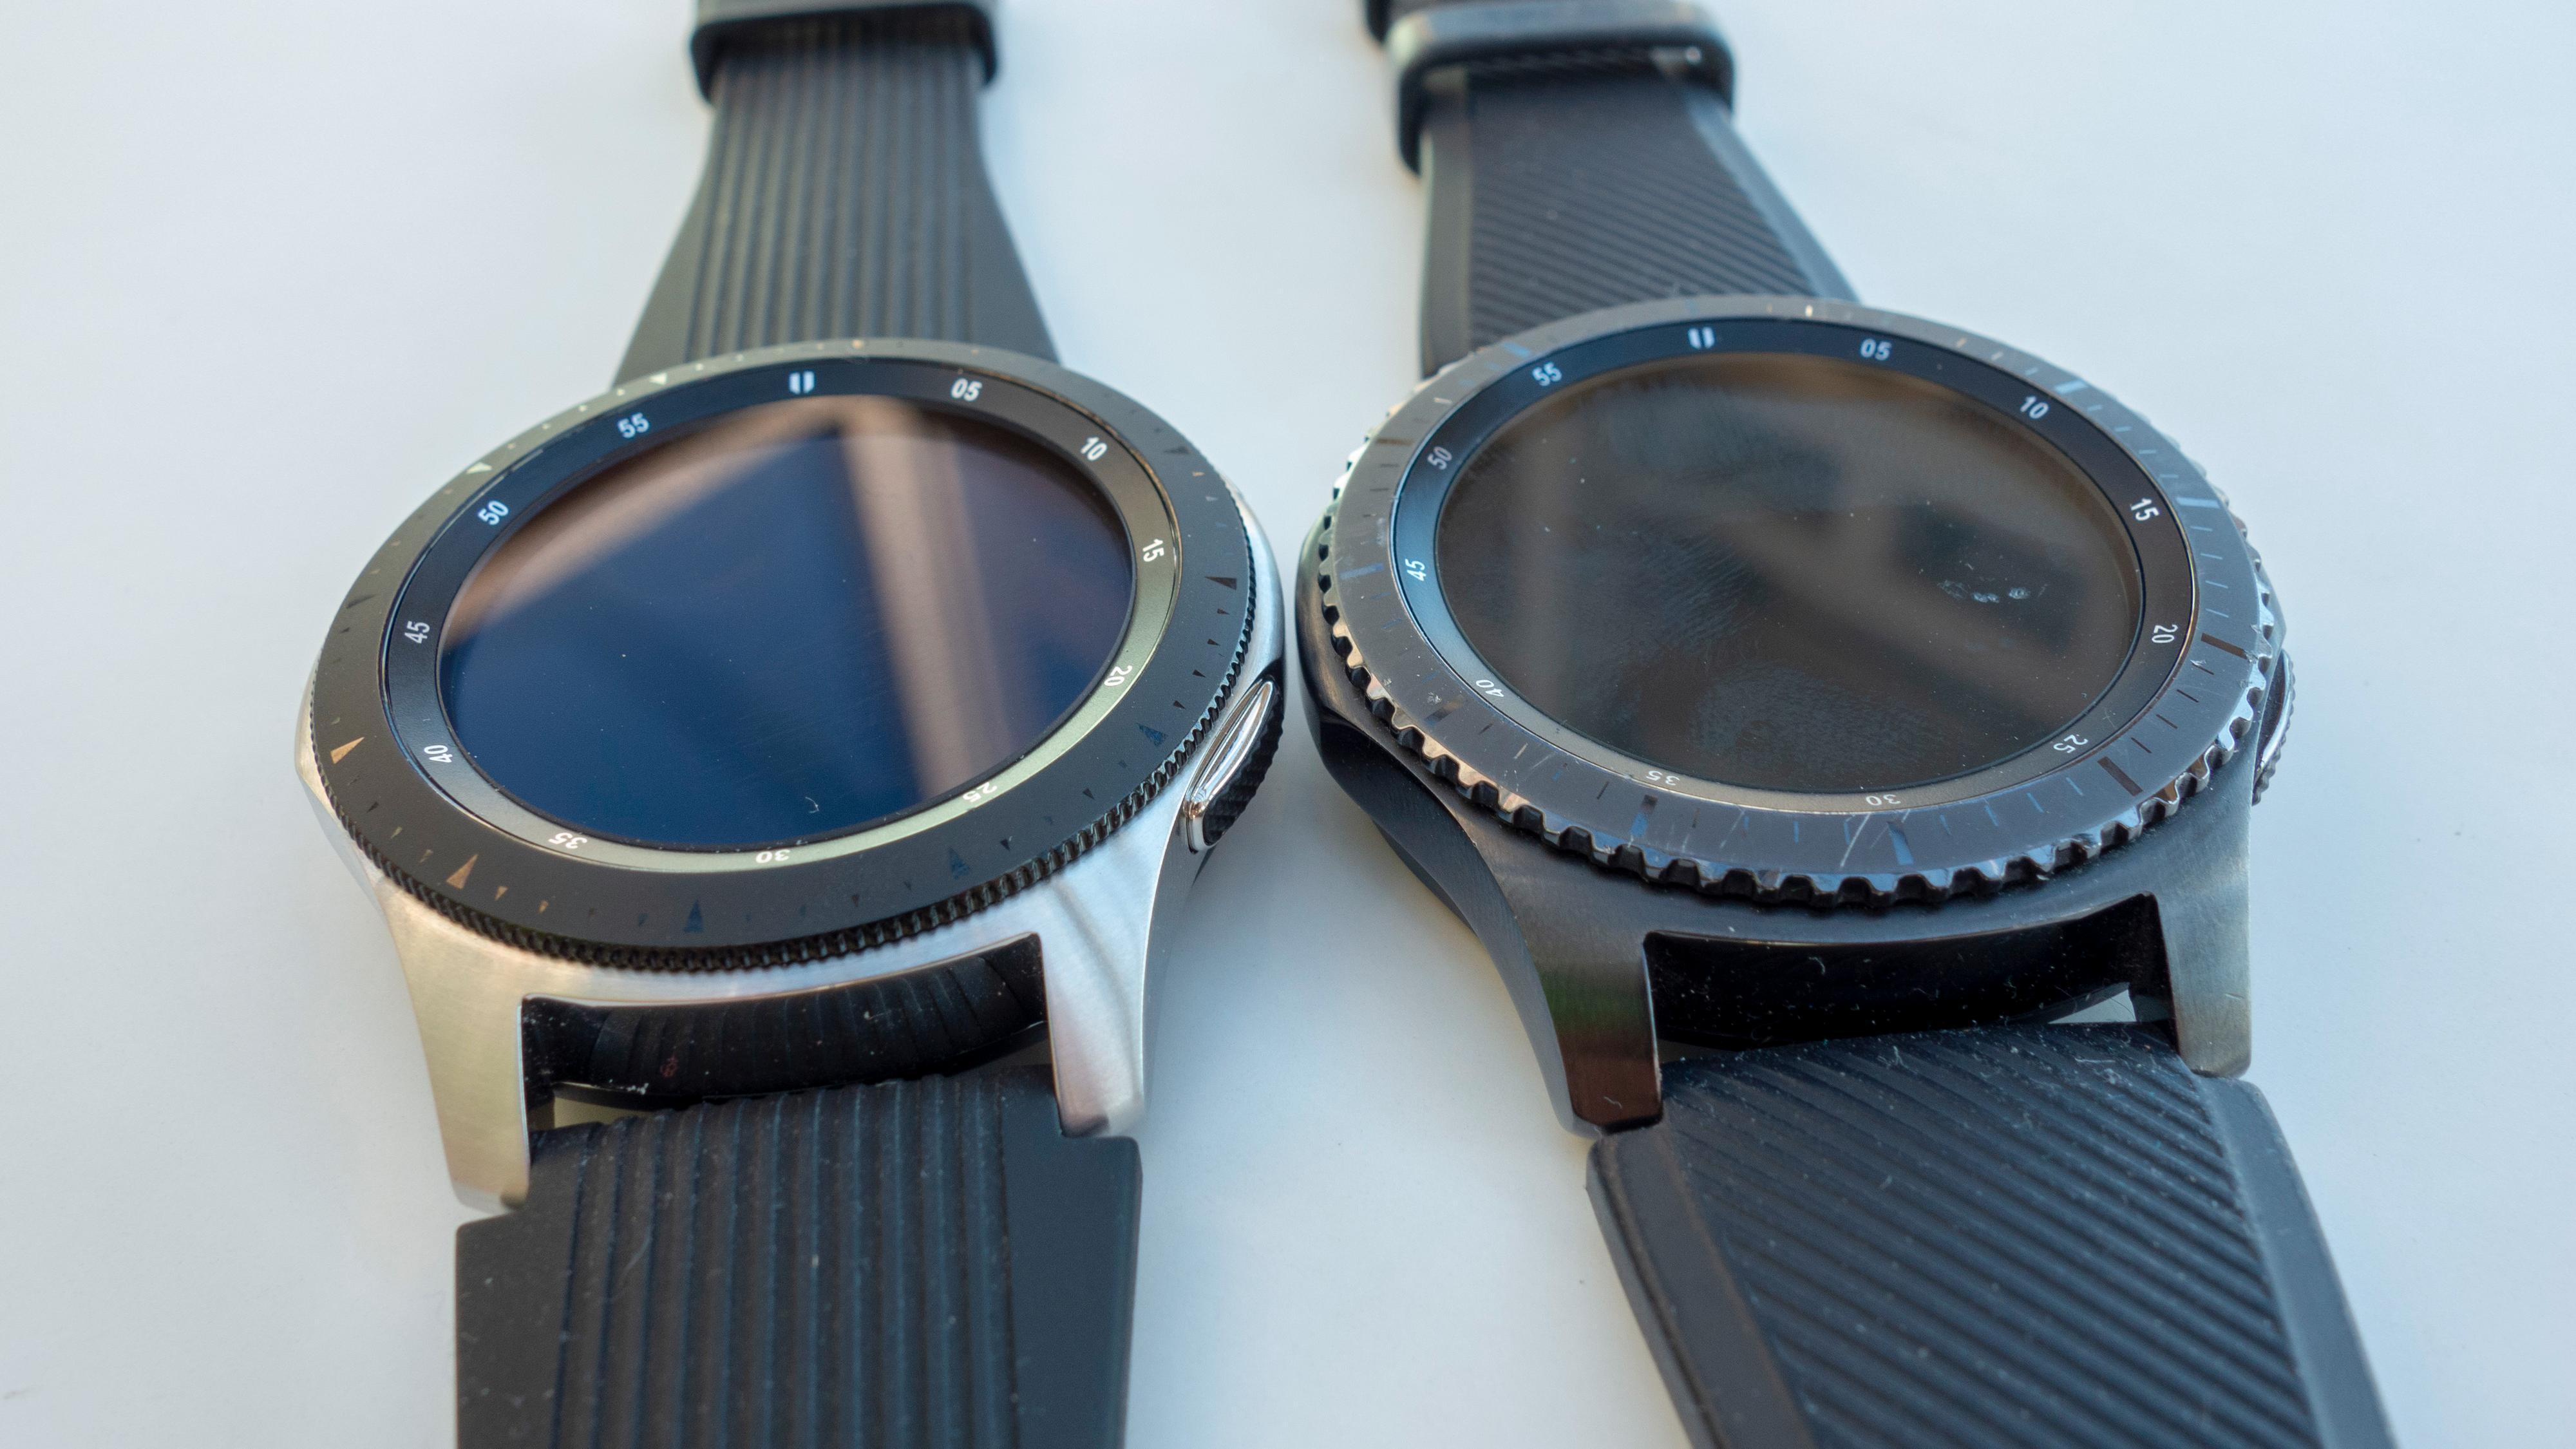 Funksjonsringen har blitt forbedret. Galaxy Watch (venstre) har en mer fintagget ring.